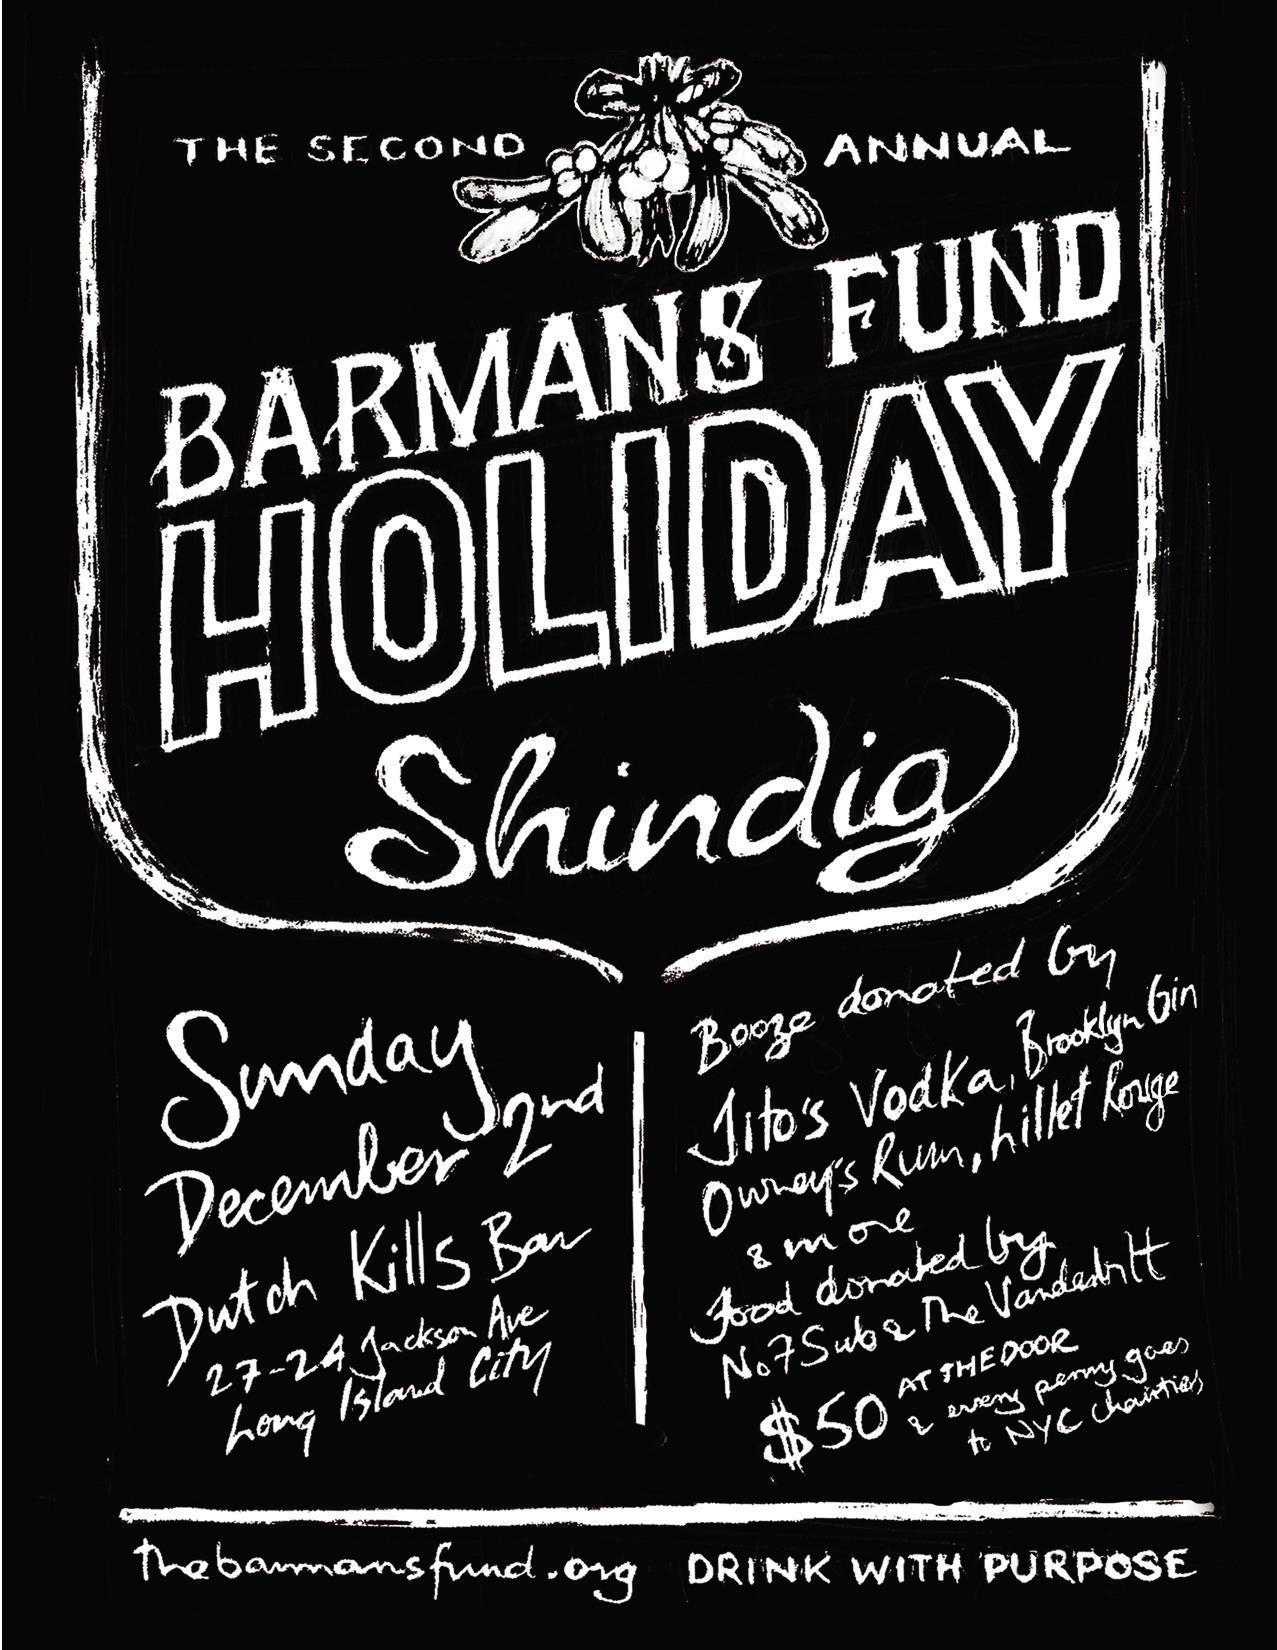 barmans-fund-holiday-shindig%20%281%29.jpeg